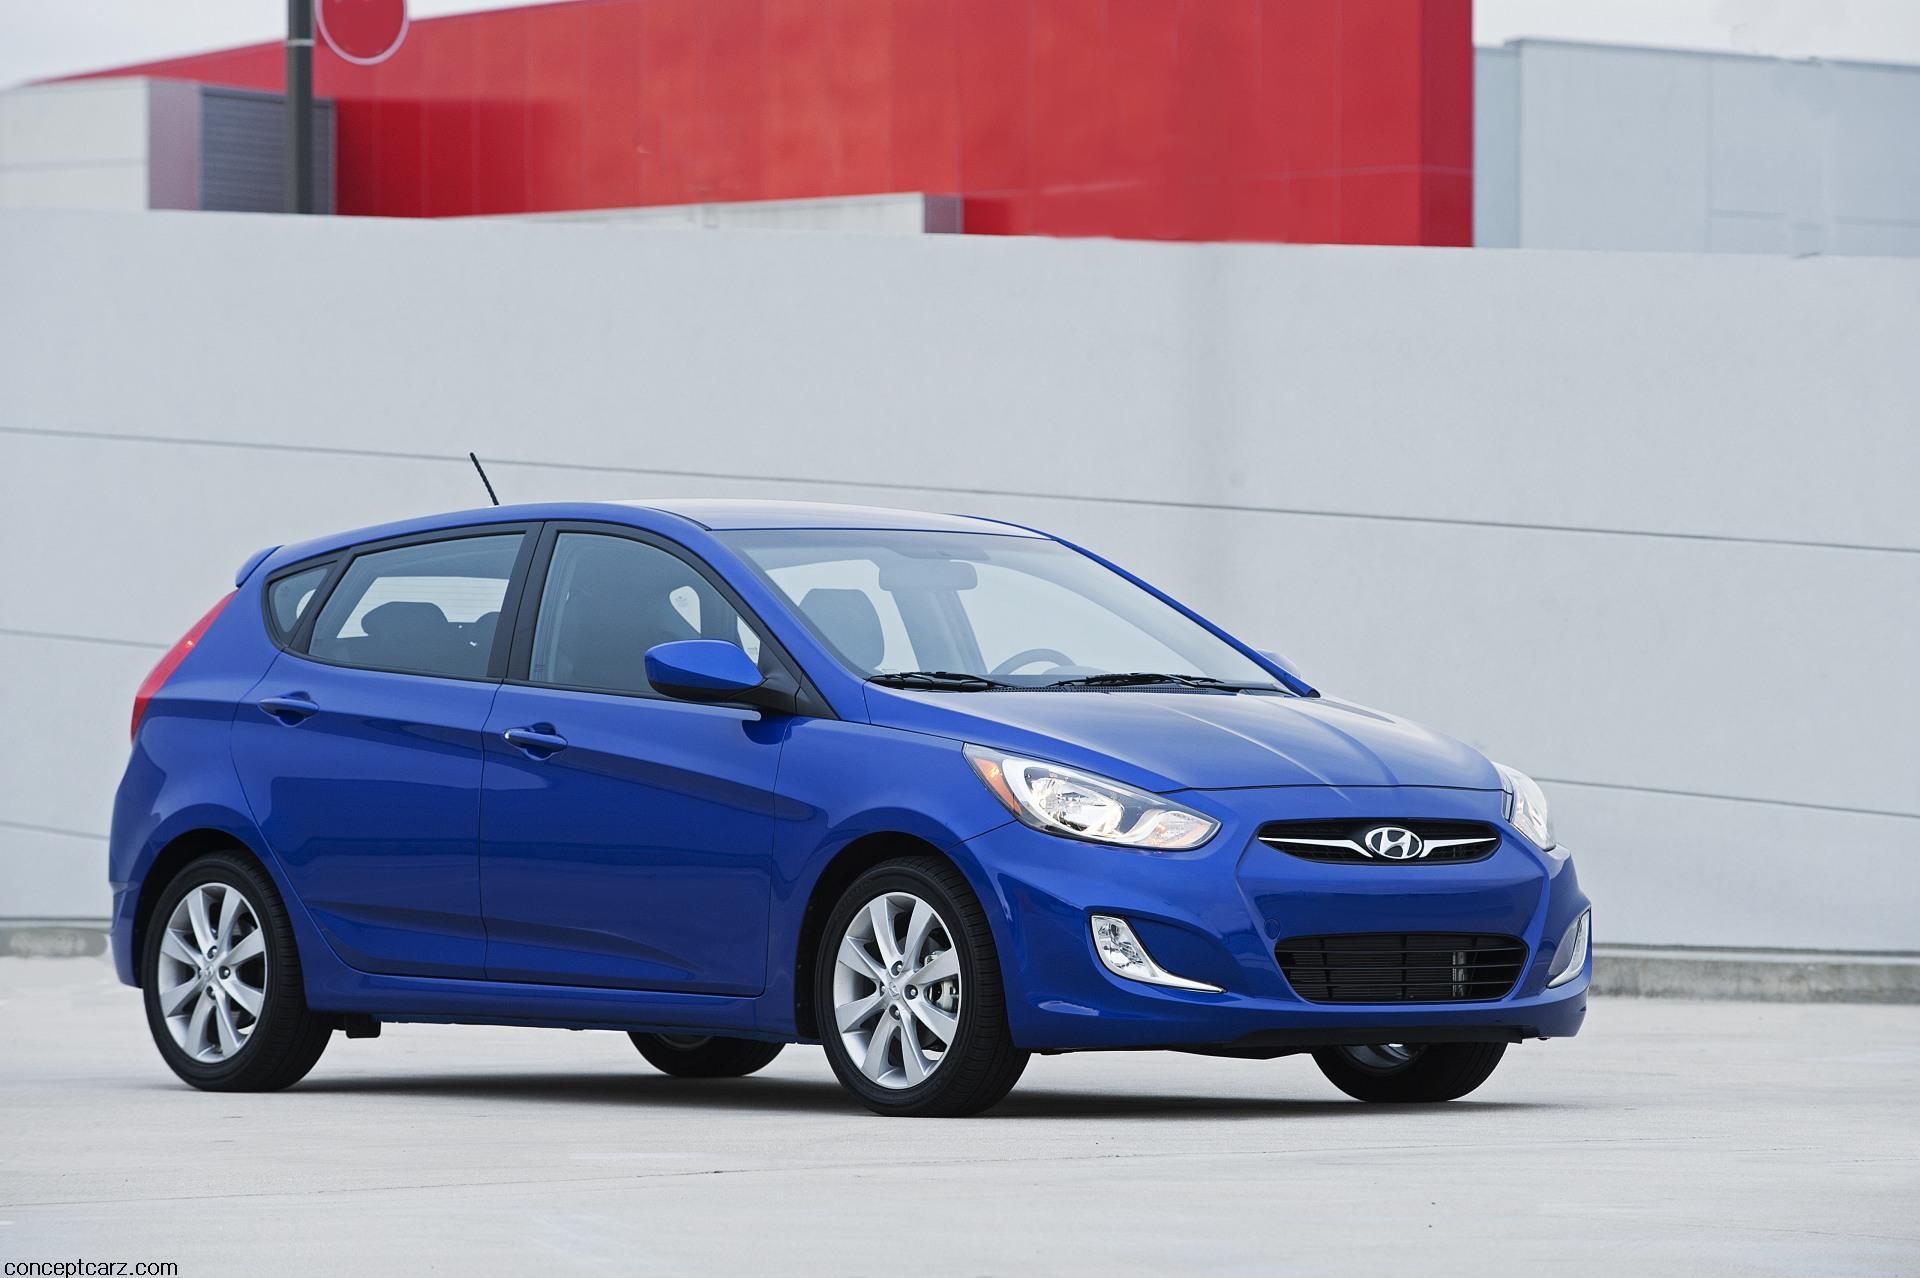 2012 Hyundai Accent News And Information Conceptcarz Com